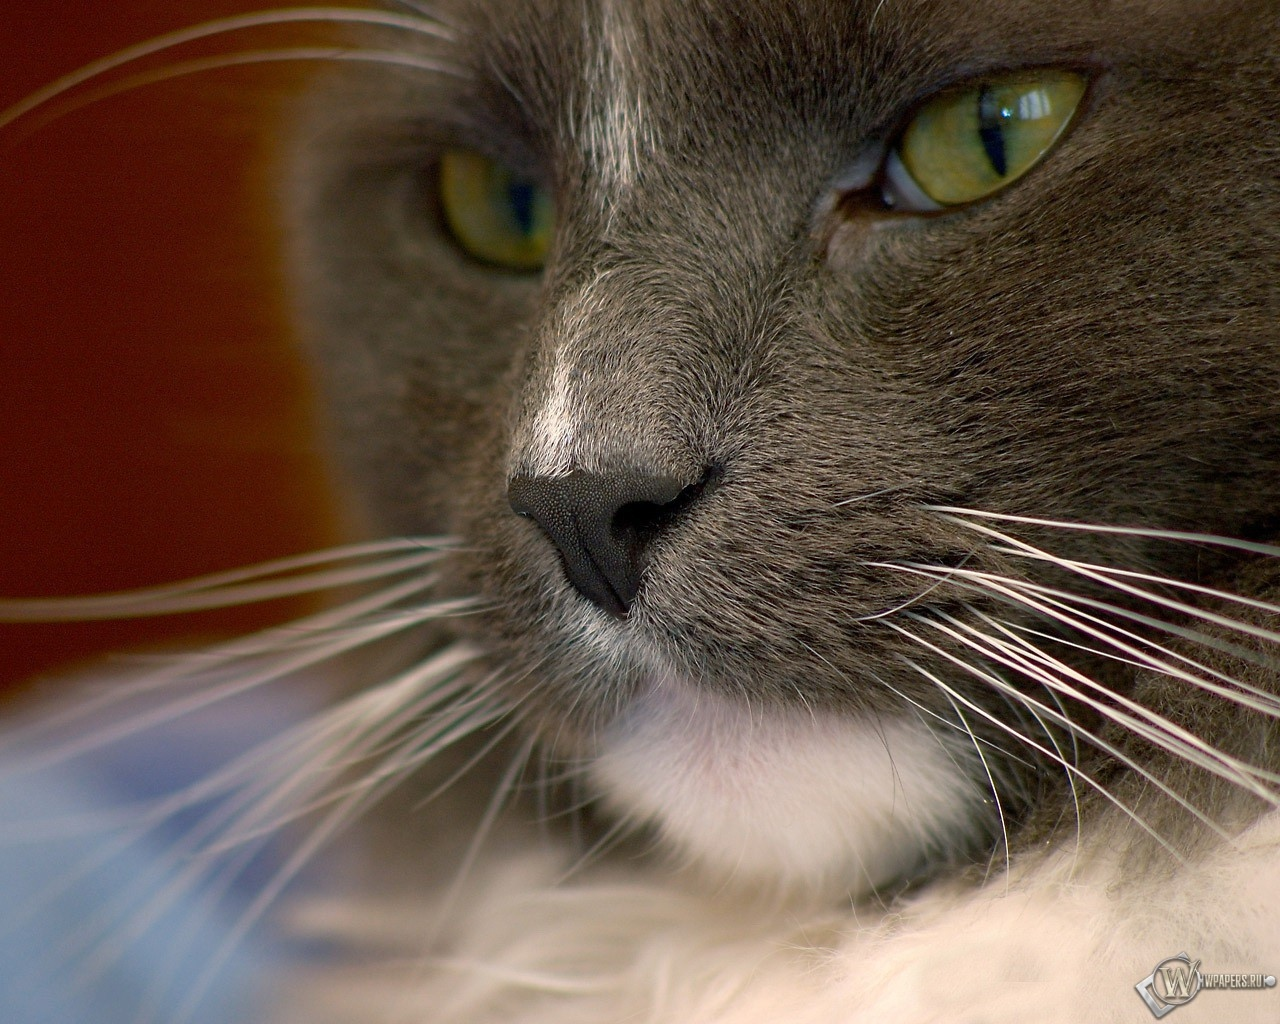 Зеленоглазый кот 1280x1024